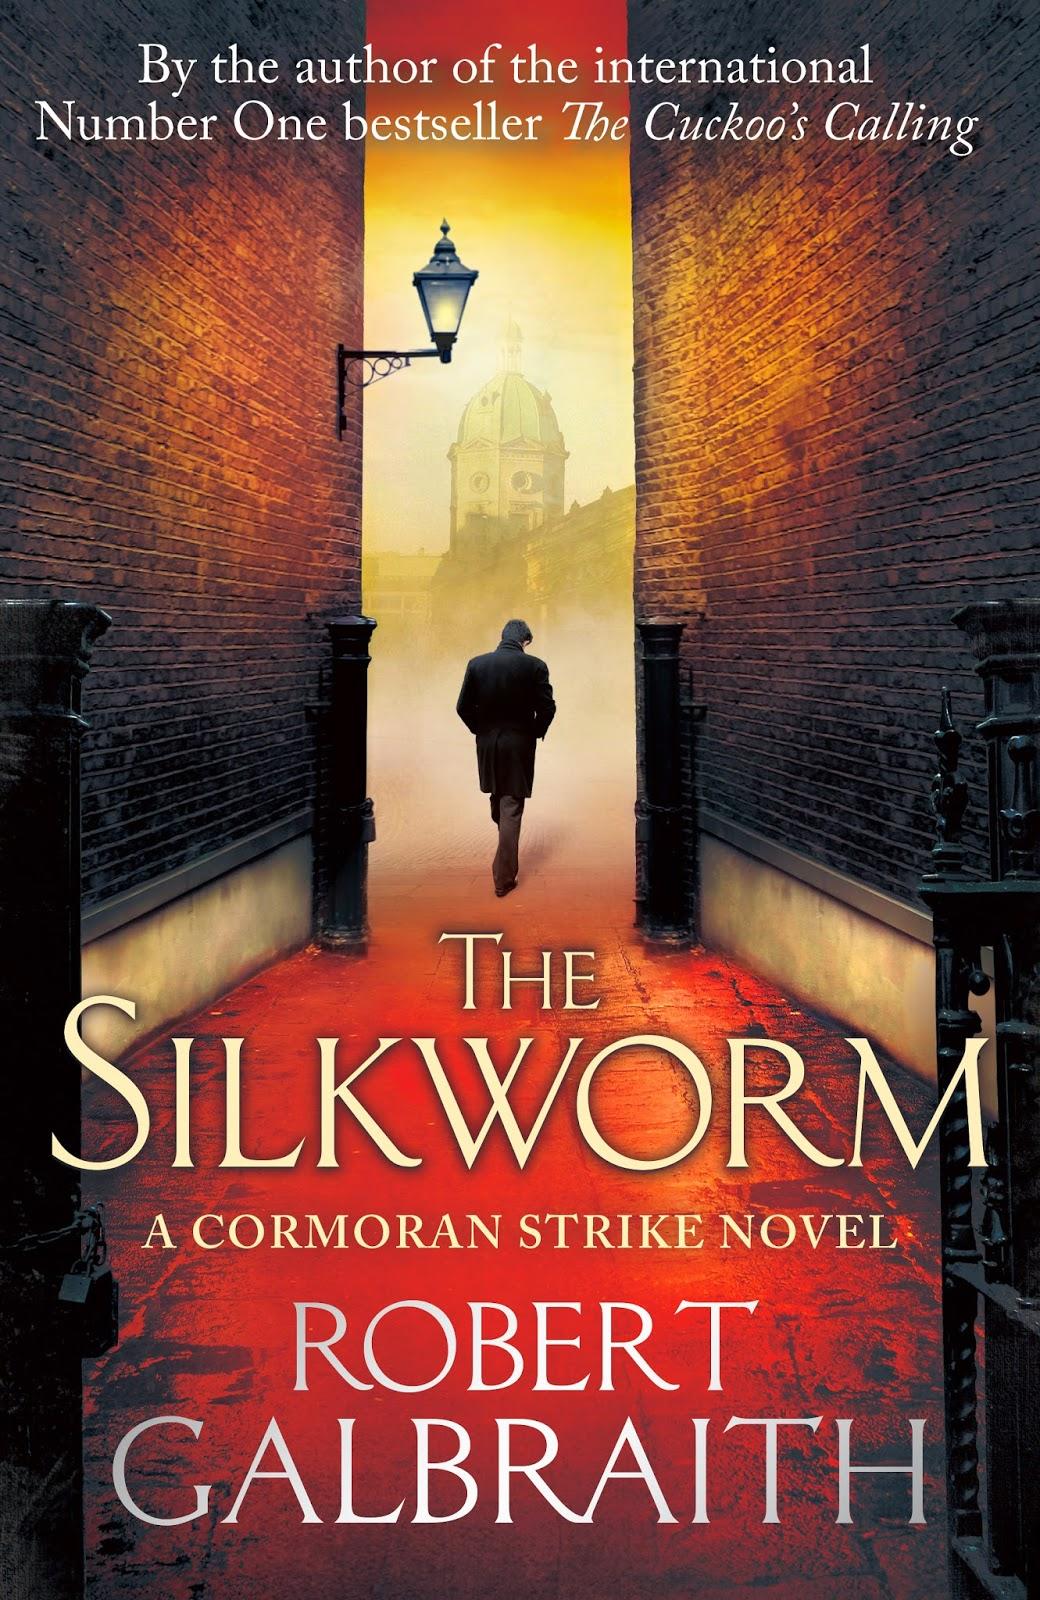 The Silkworm by JK Rowling as Robert Galbraith review